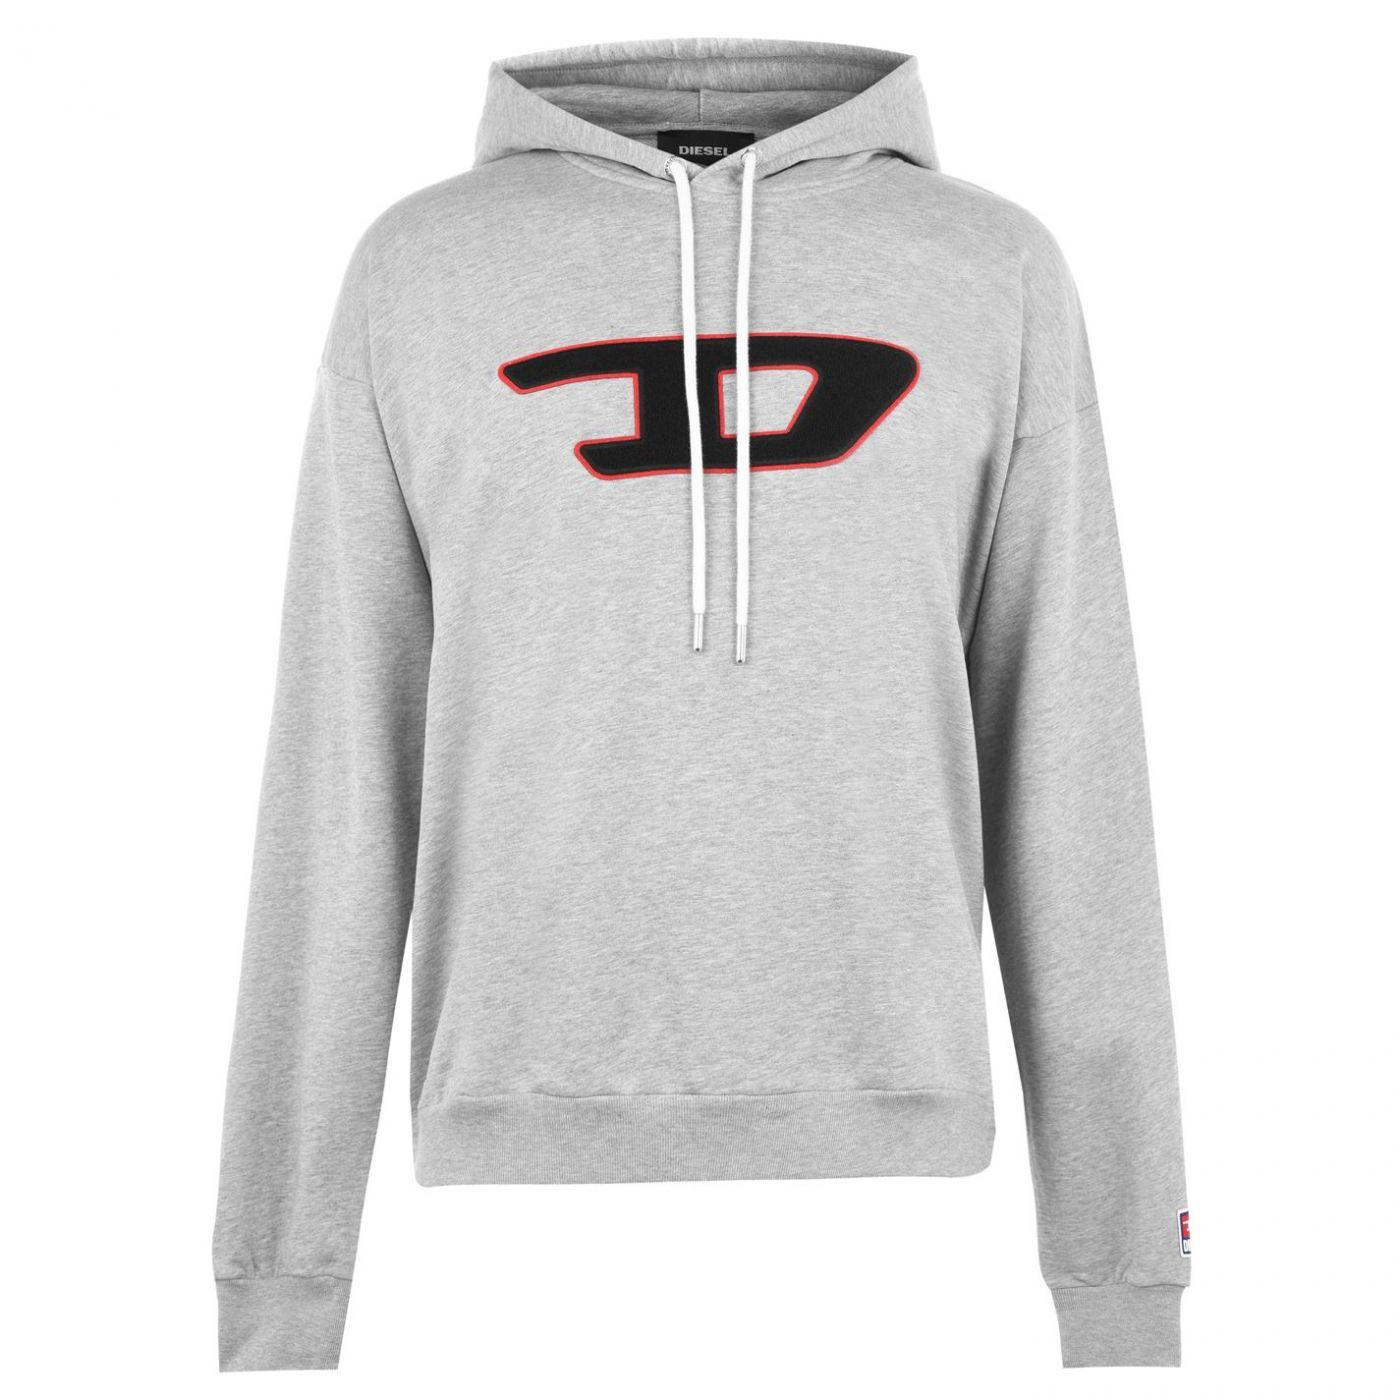 Diesel Patch Hooded Sweatshirt